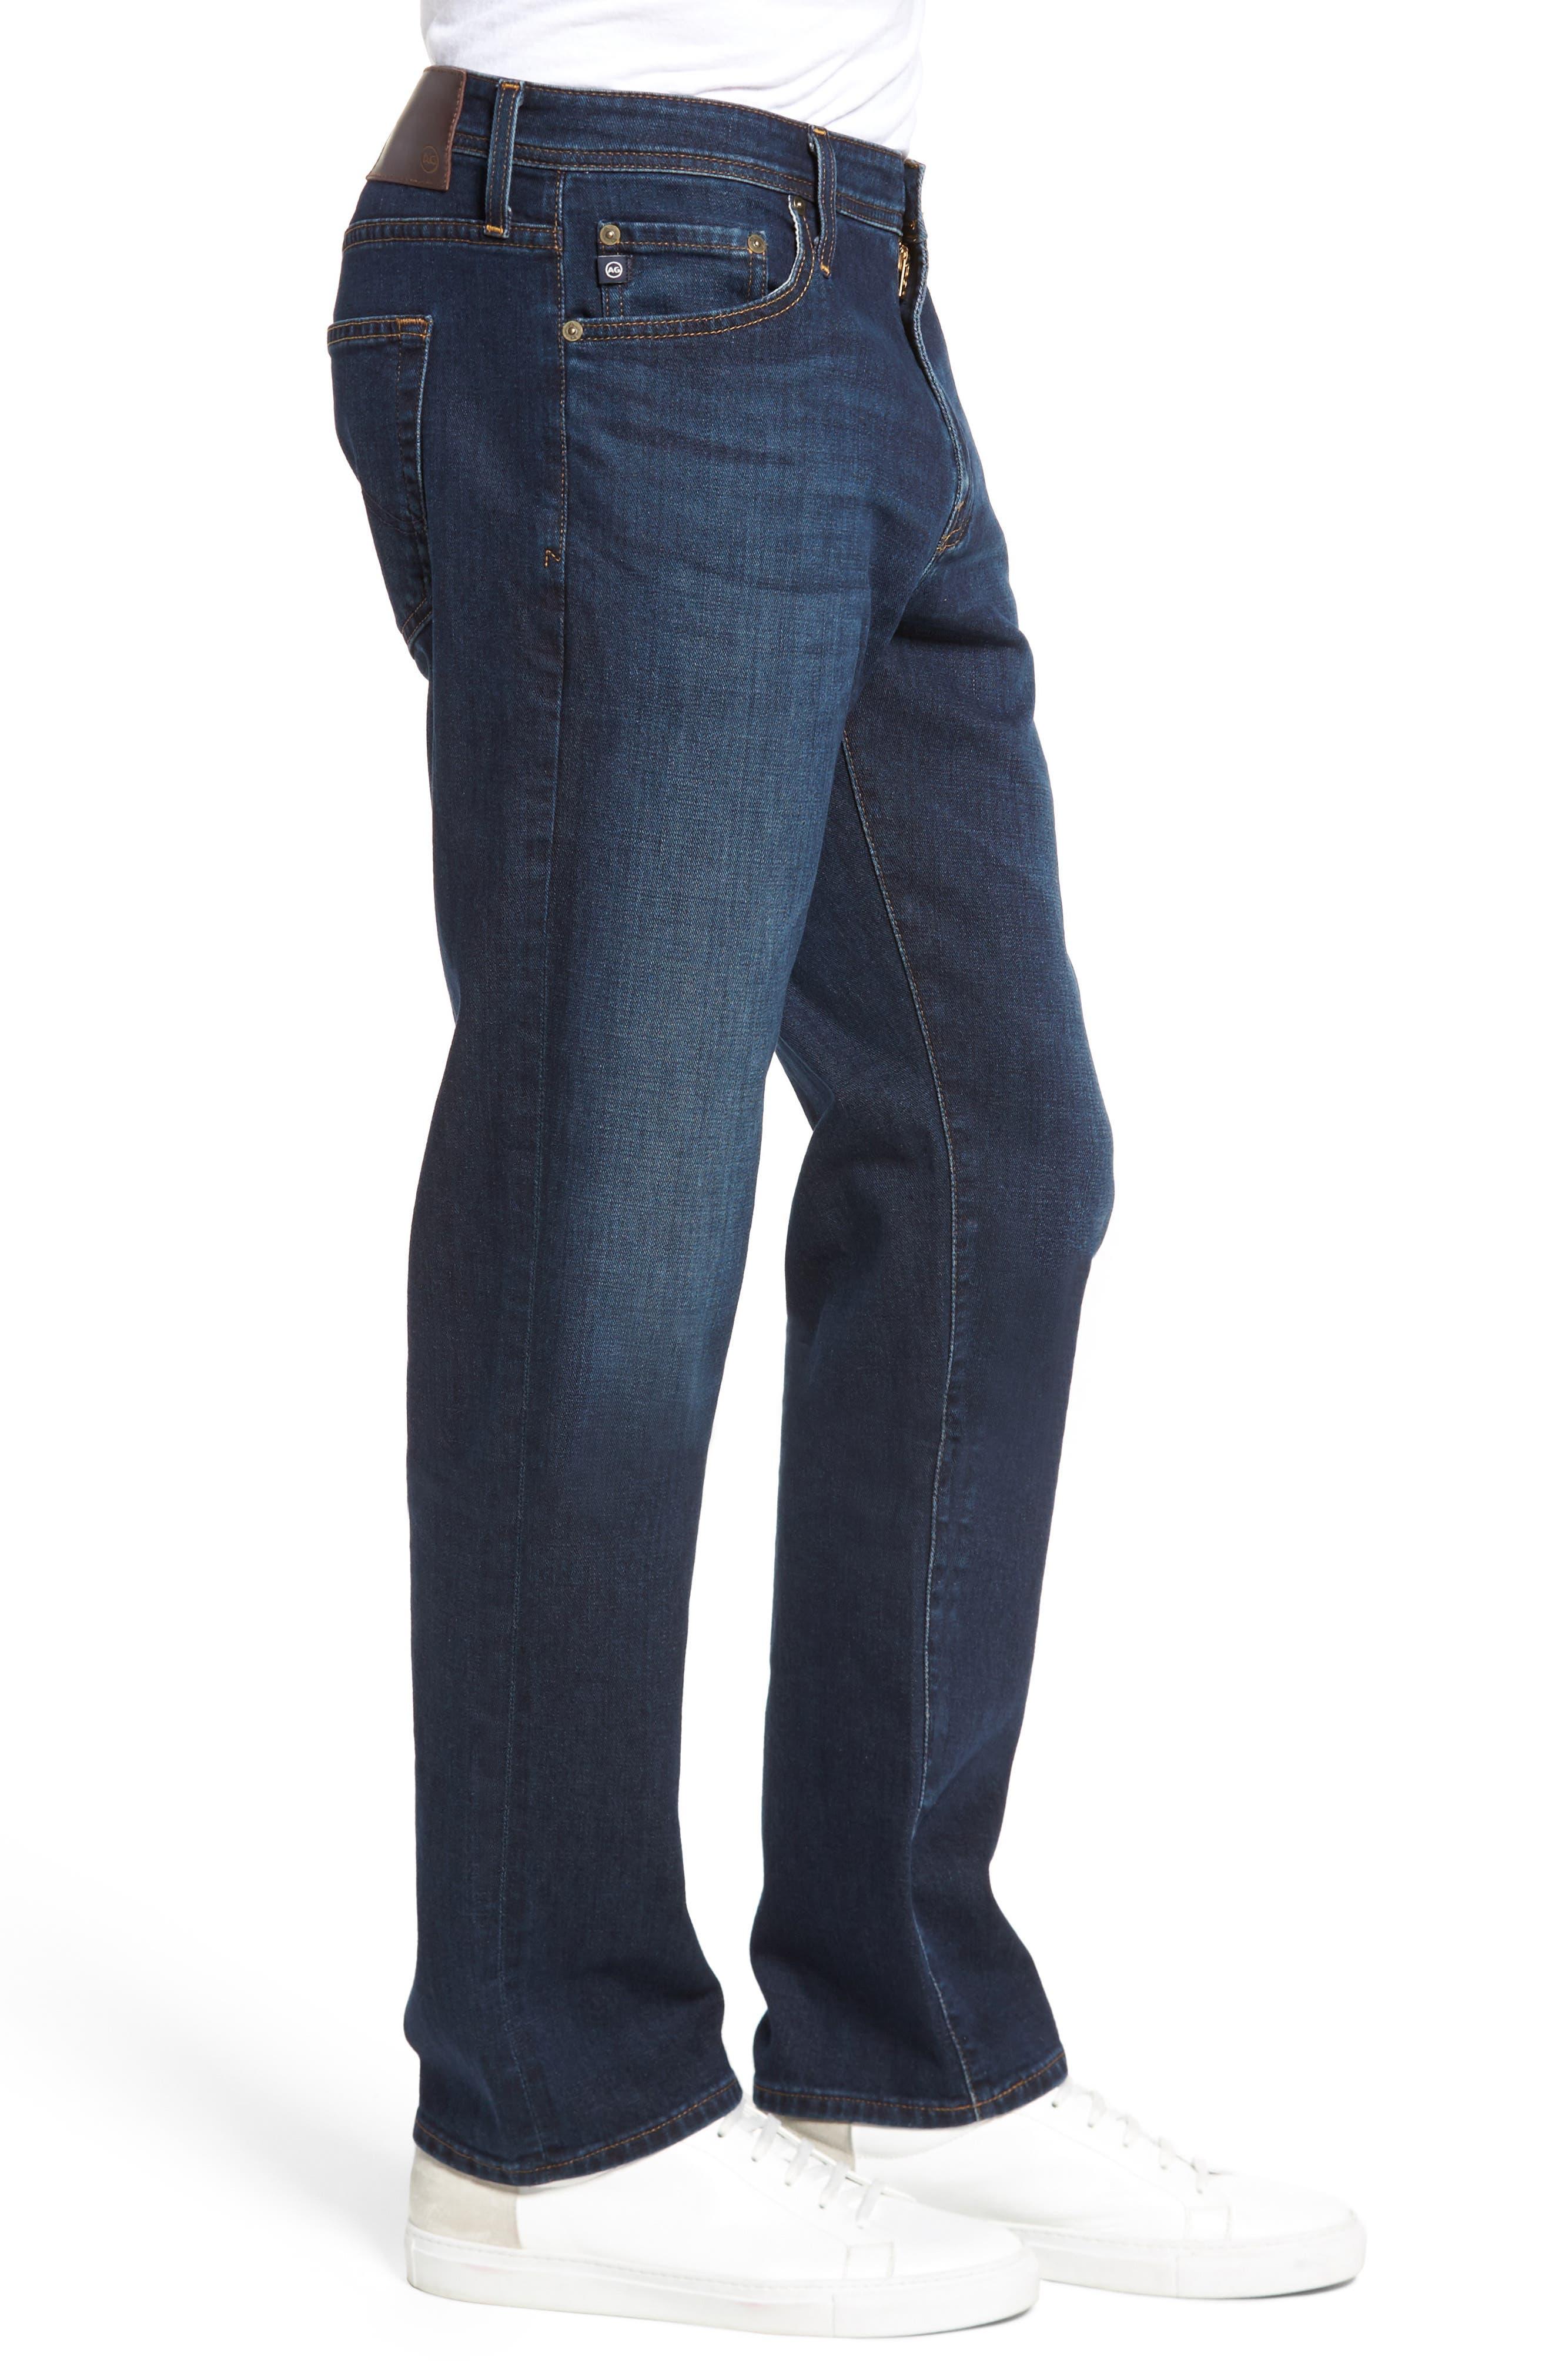 Everett Slim Straight Fit Jeans,                             Alternate thumbnail 3, color,                             WITNESS